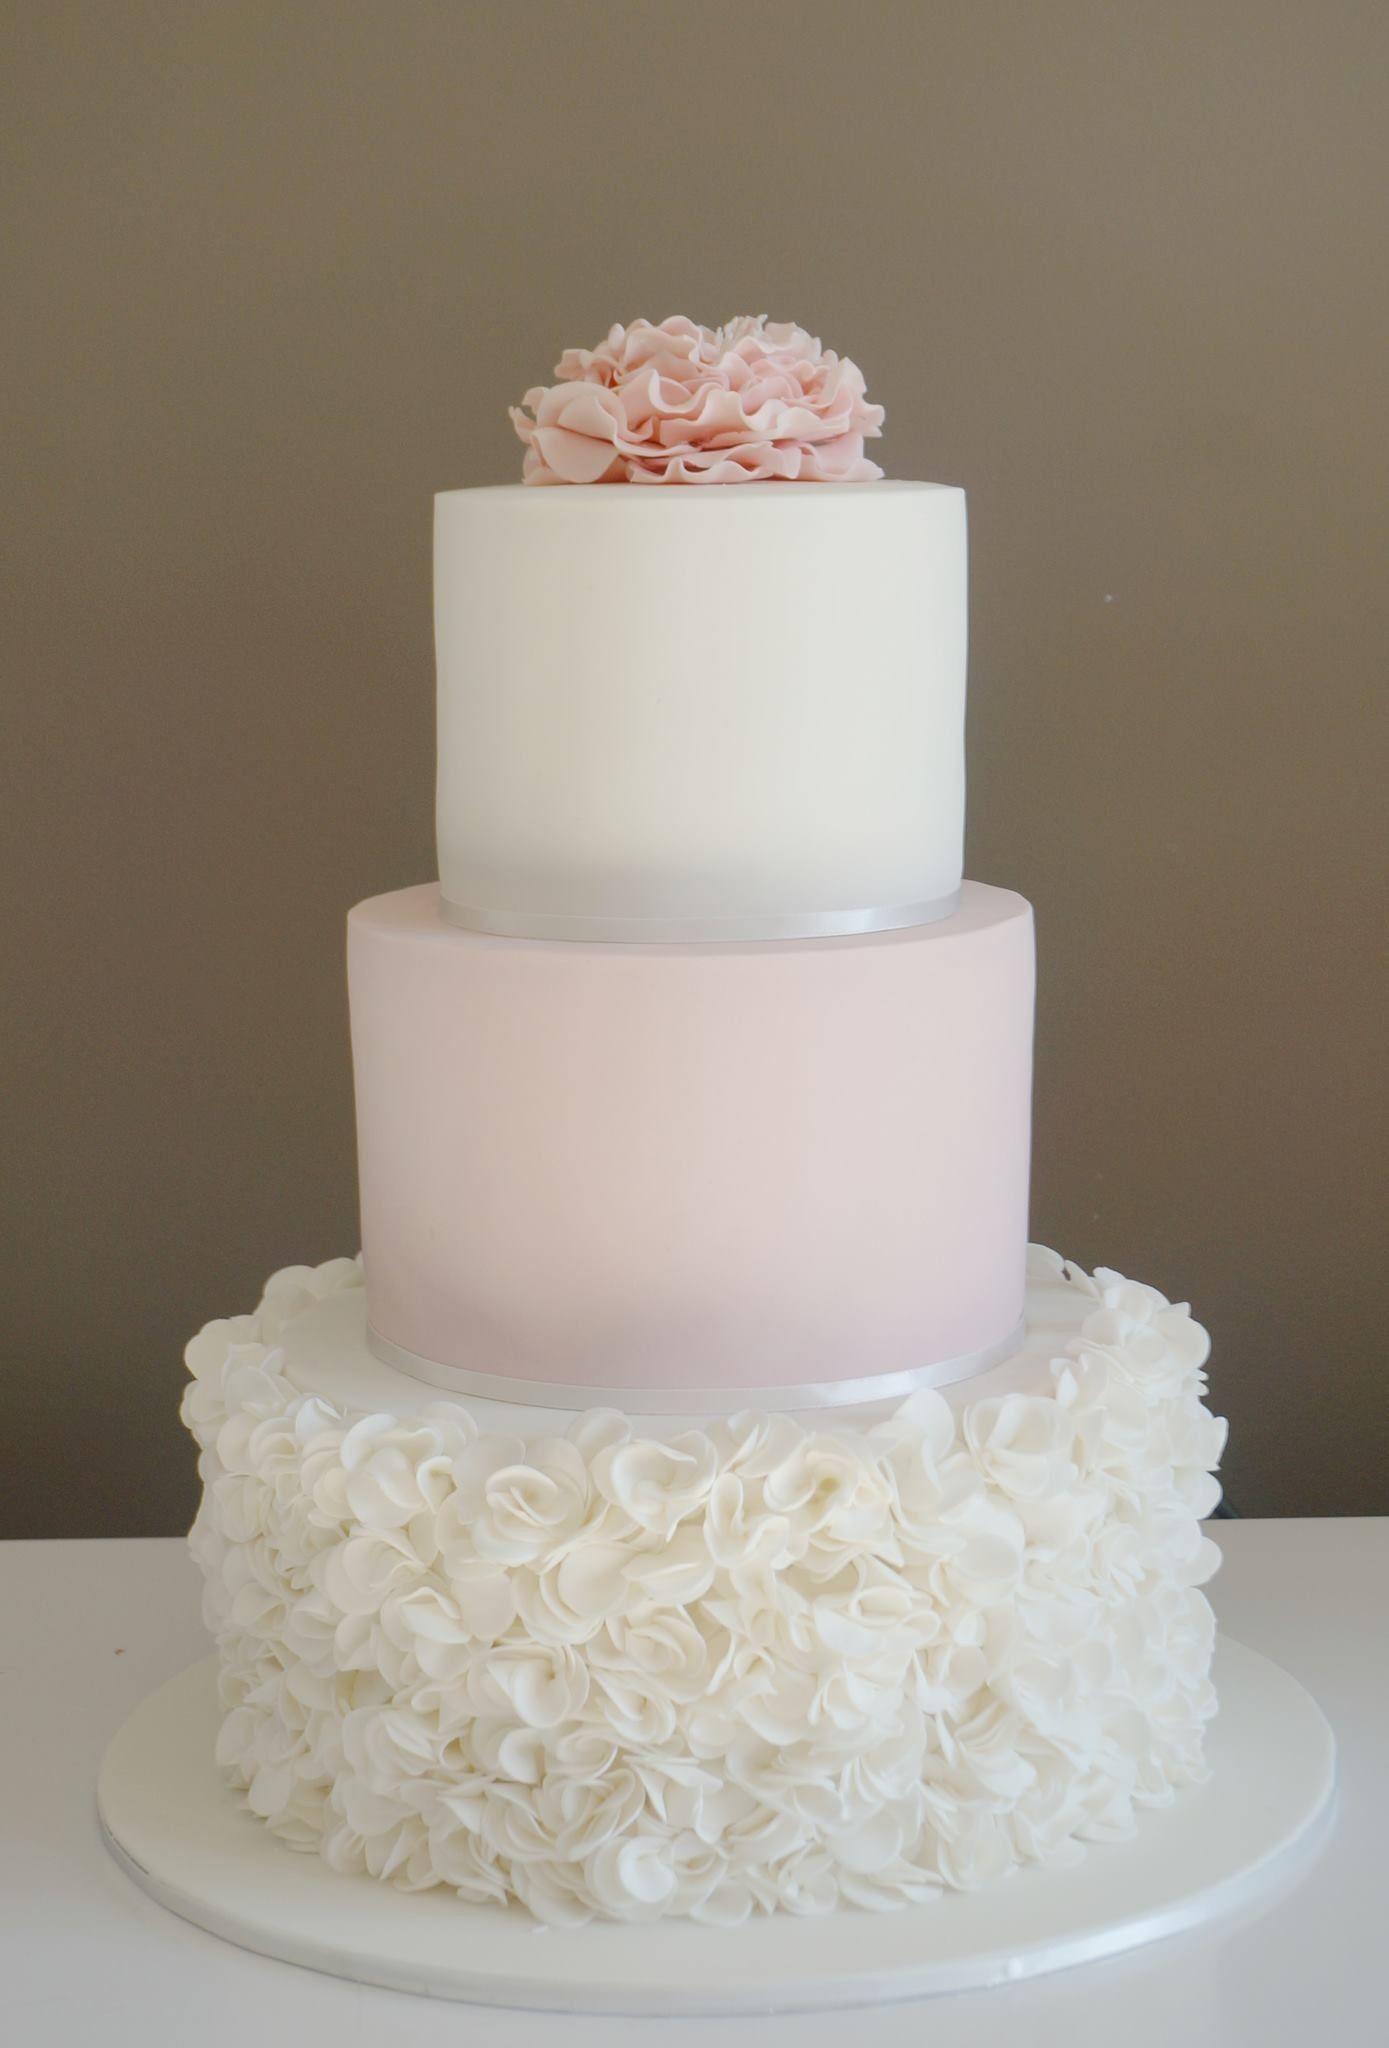 Image Result For Sam S Club 3 Tier Cake Buttercream Wedding Cake White Wedding Cakes White Wedding Cake